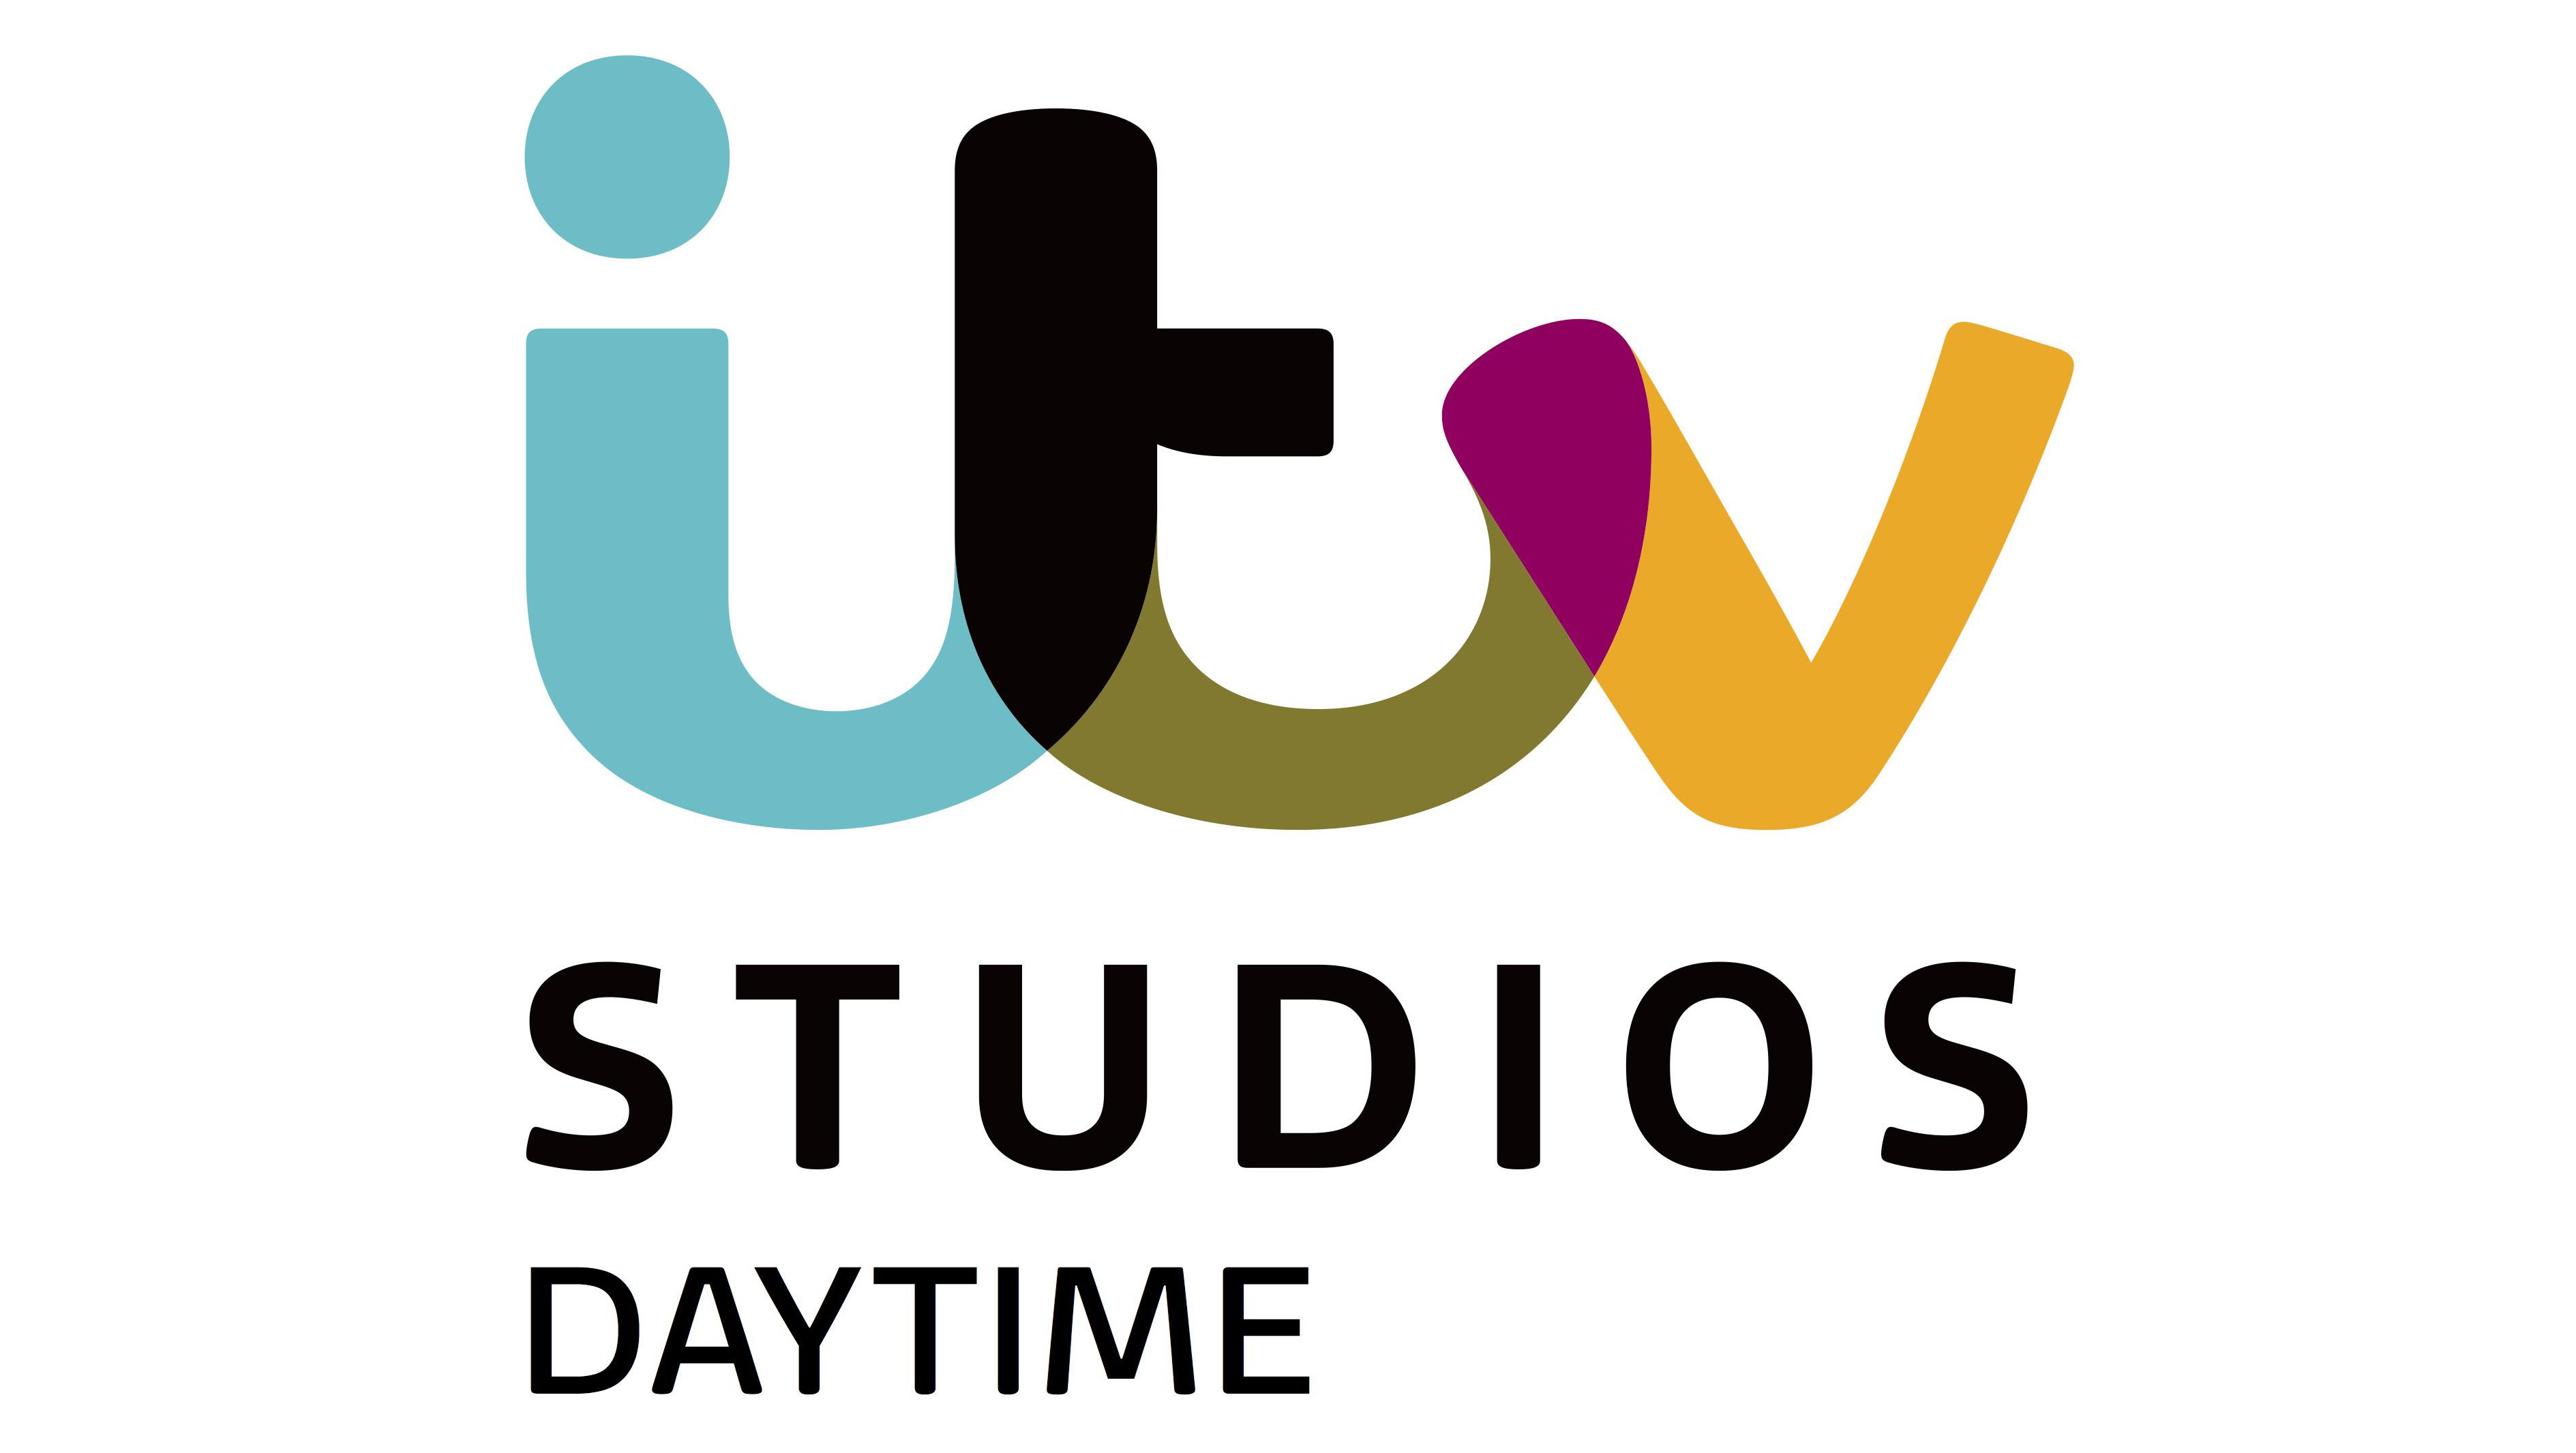 Itv_studios_daytime2